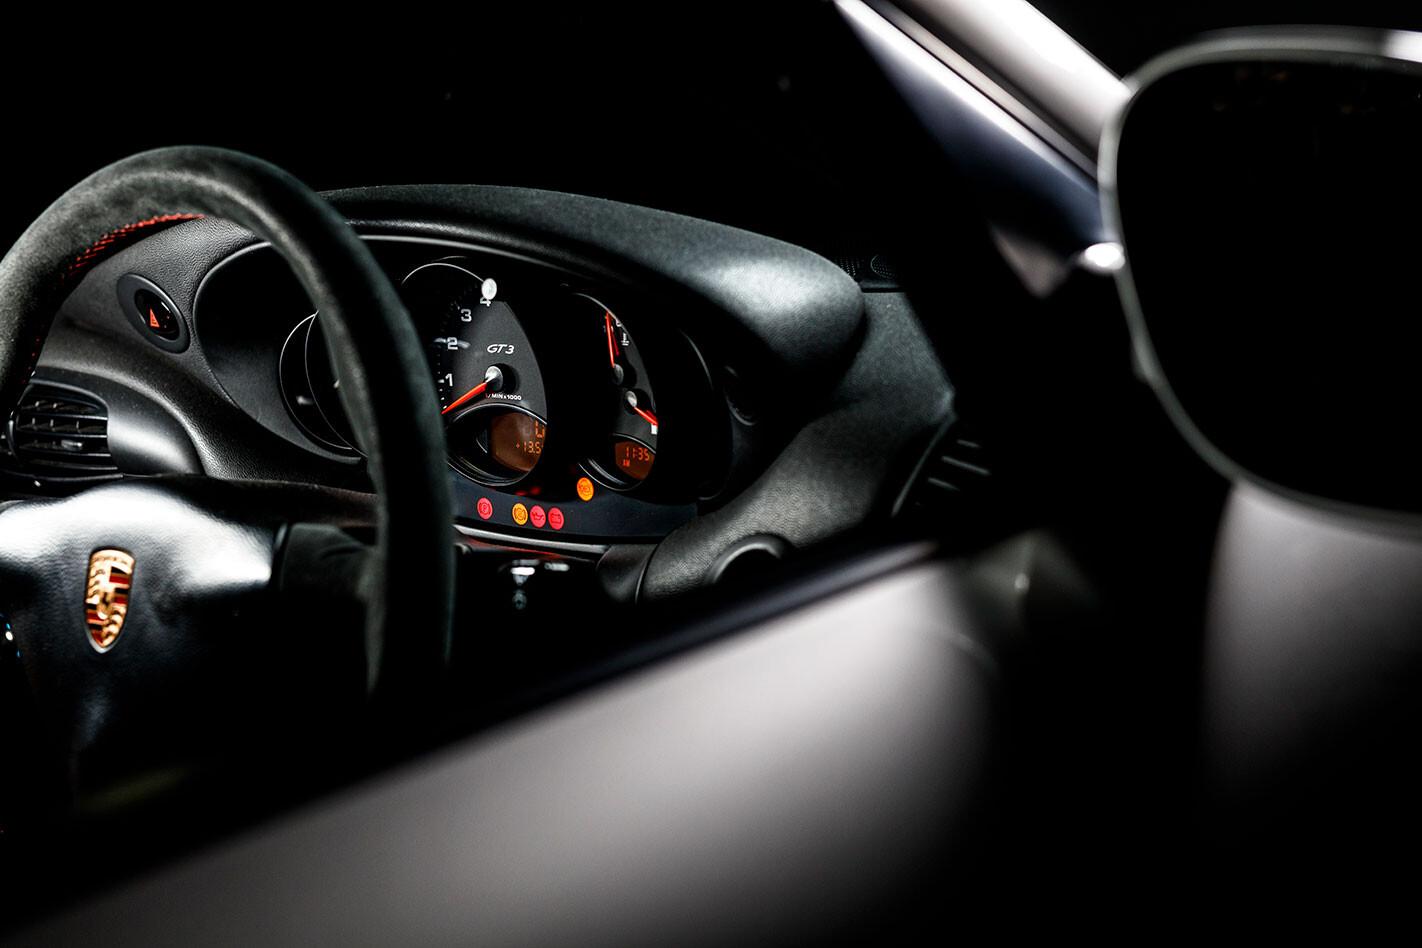 1999 Porsche 996.1 911 GT3 drivers seat